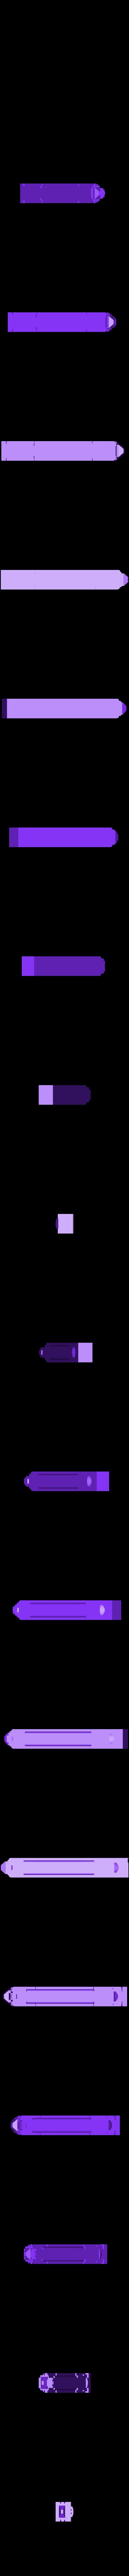 Park_Tower.stl Télécharger fichier STL gratuit Mise à jour de Chicago • Plan pour impression 3D, Urukgar4D